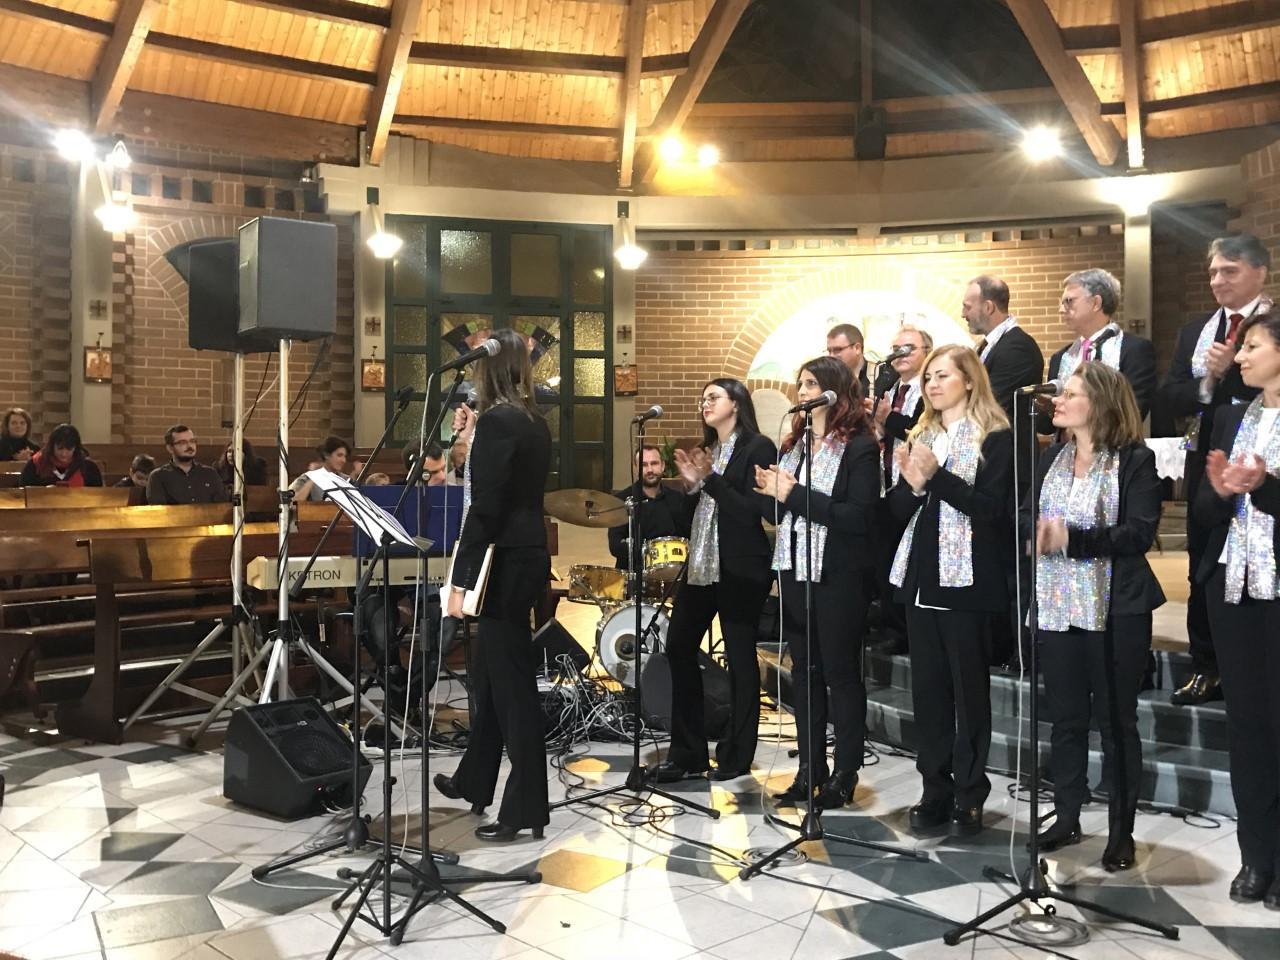 Incredibile emozione al concerto dei St John Singers il commento dell'amministrazione comunale